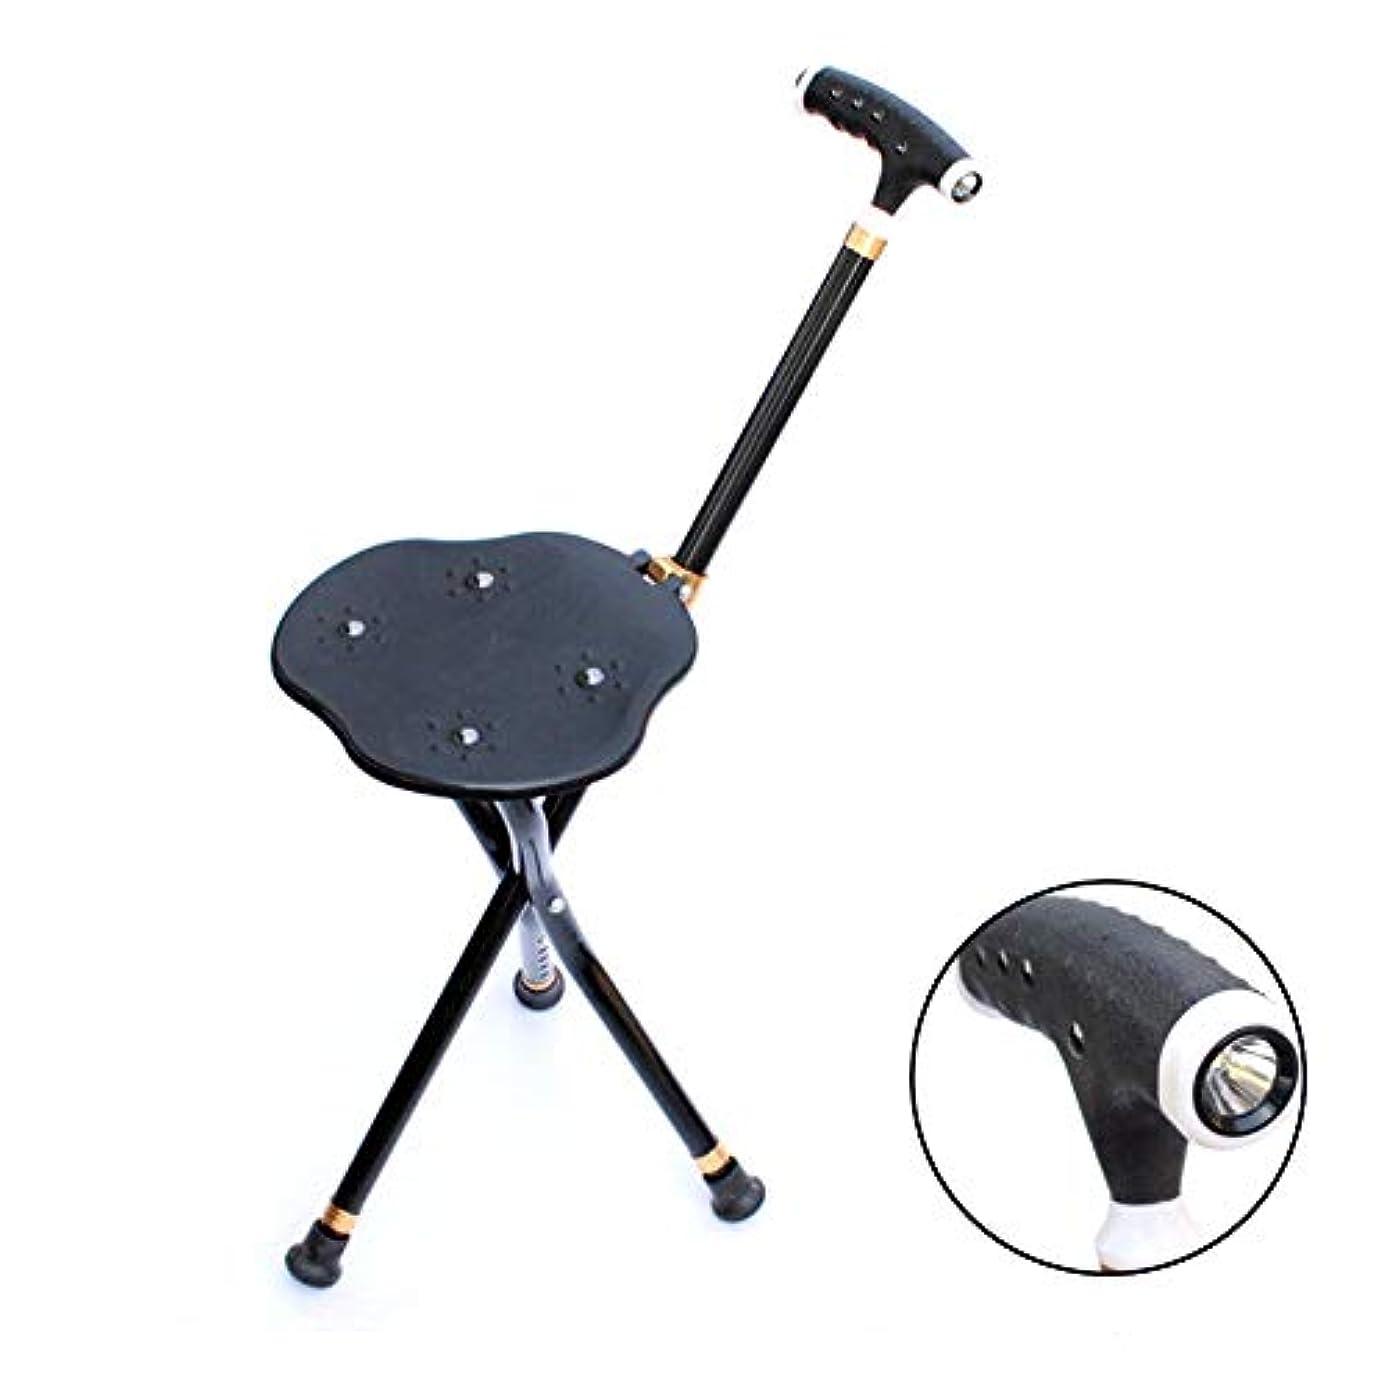 とんでもない甥リテラシーLED照明杖付きアルミニウム合金折りたたみ磁気療法、3本足杖スツール、5ファイル高さ調節可能70-95CM、黒